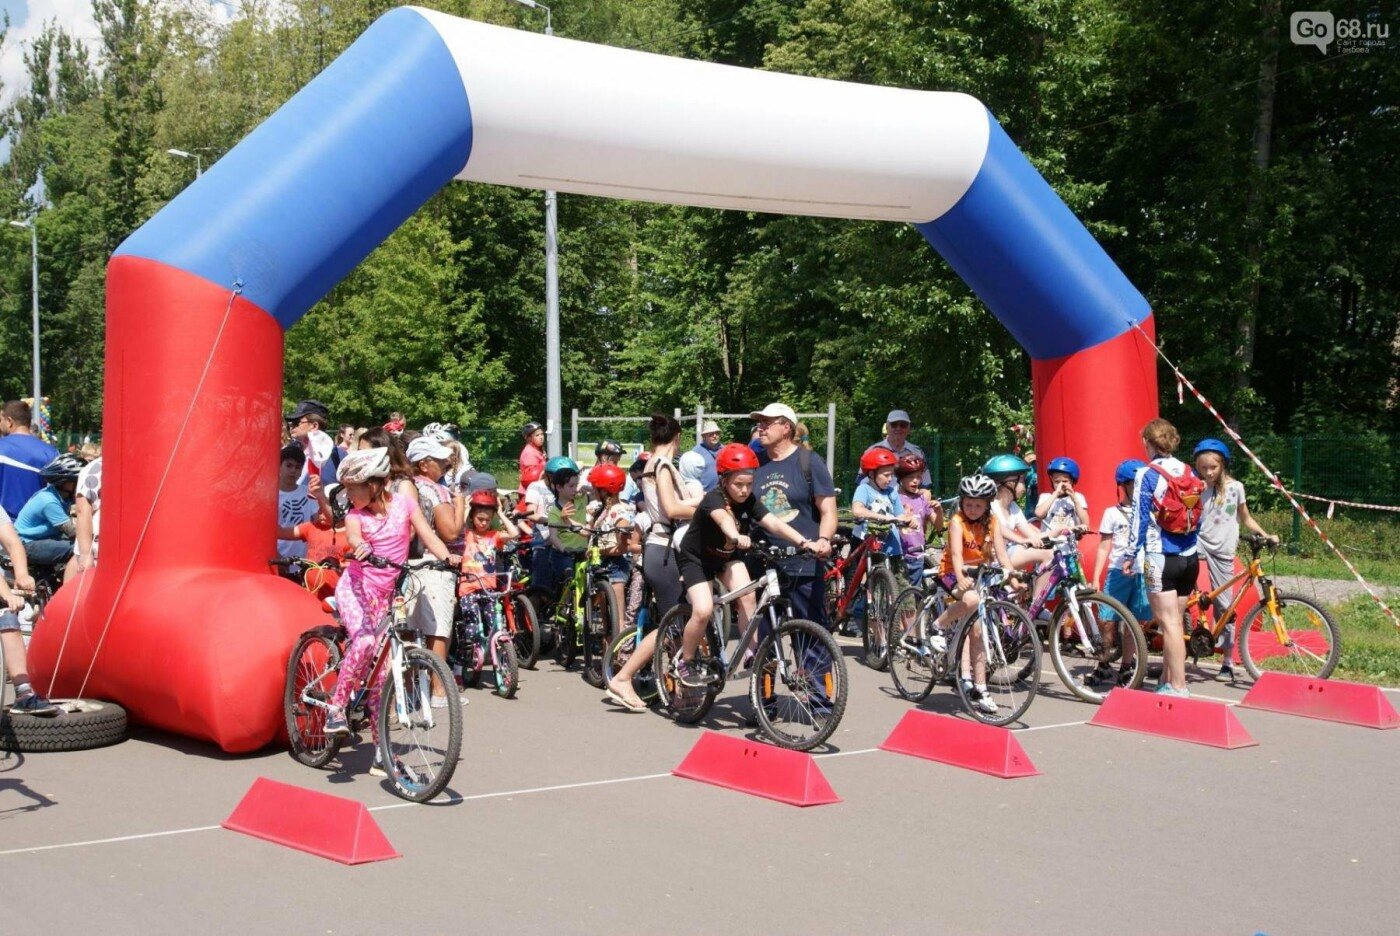 Тамбовский фестиваль «Солнце на спицах» объединил любителей велоспорта, фото-6